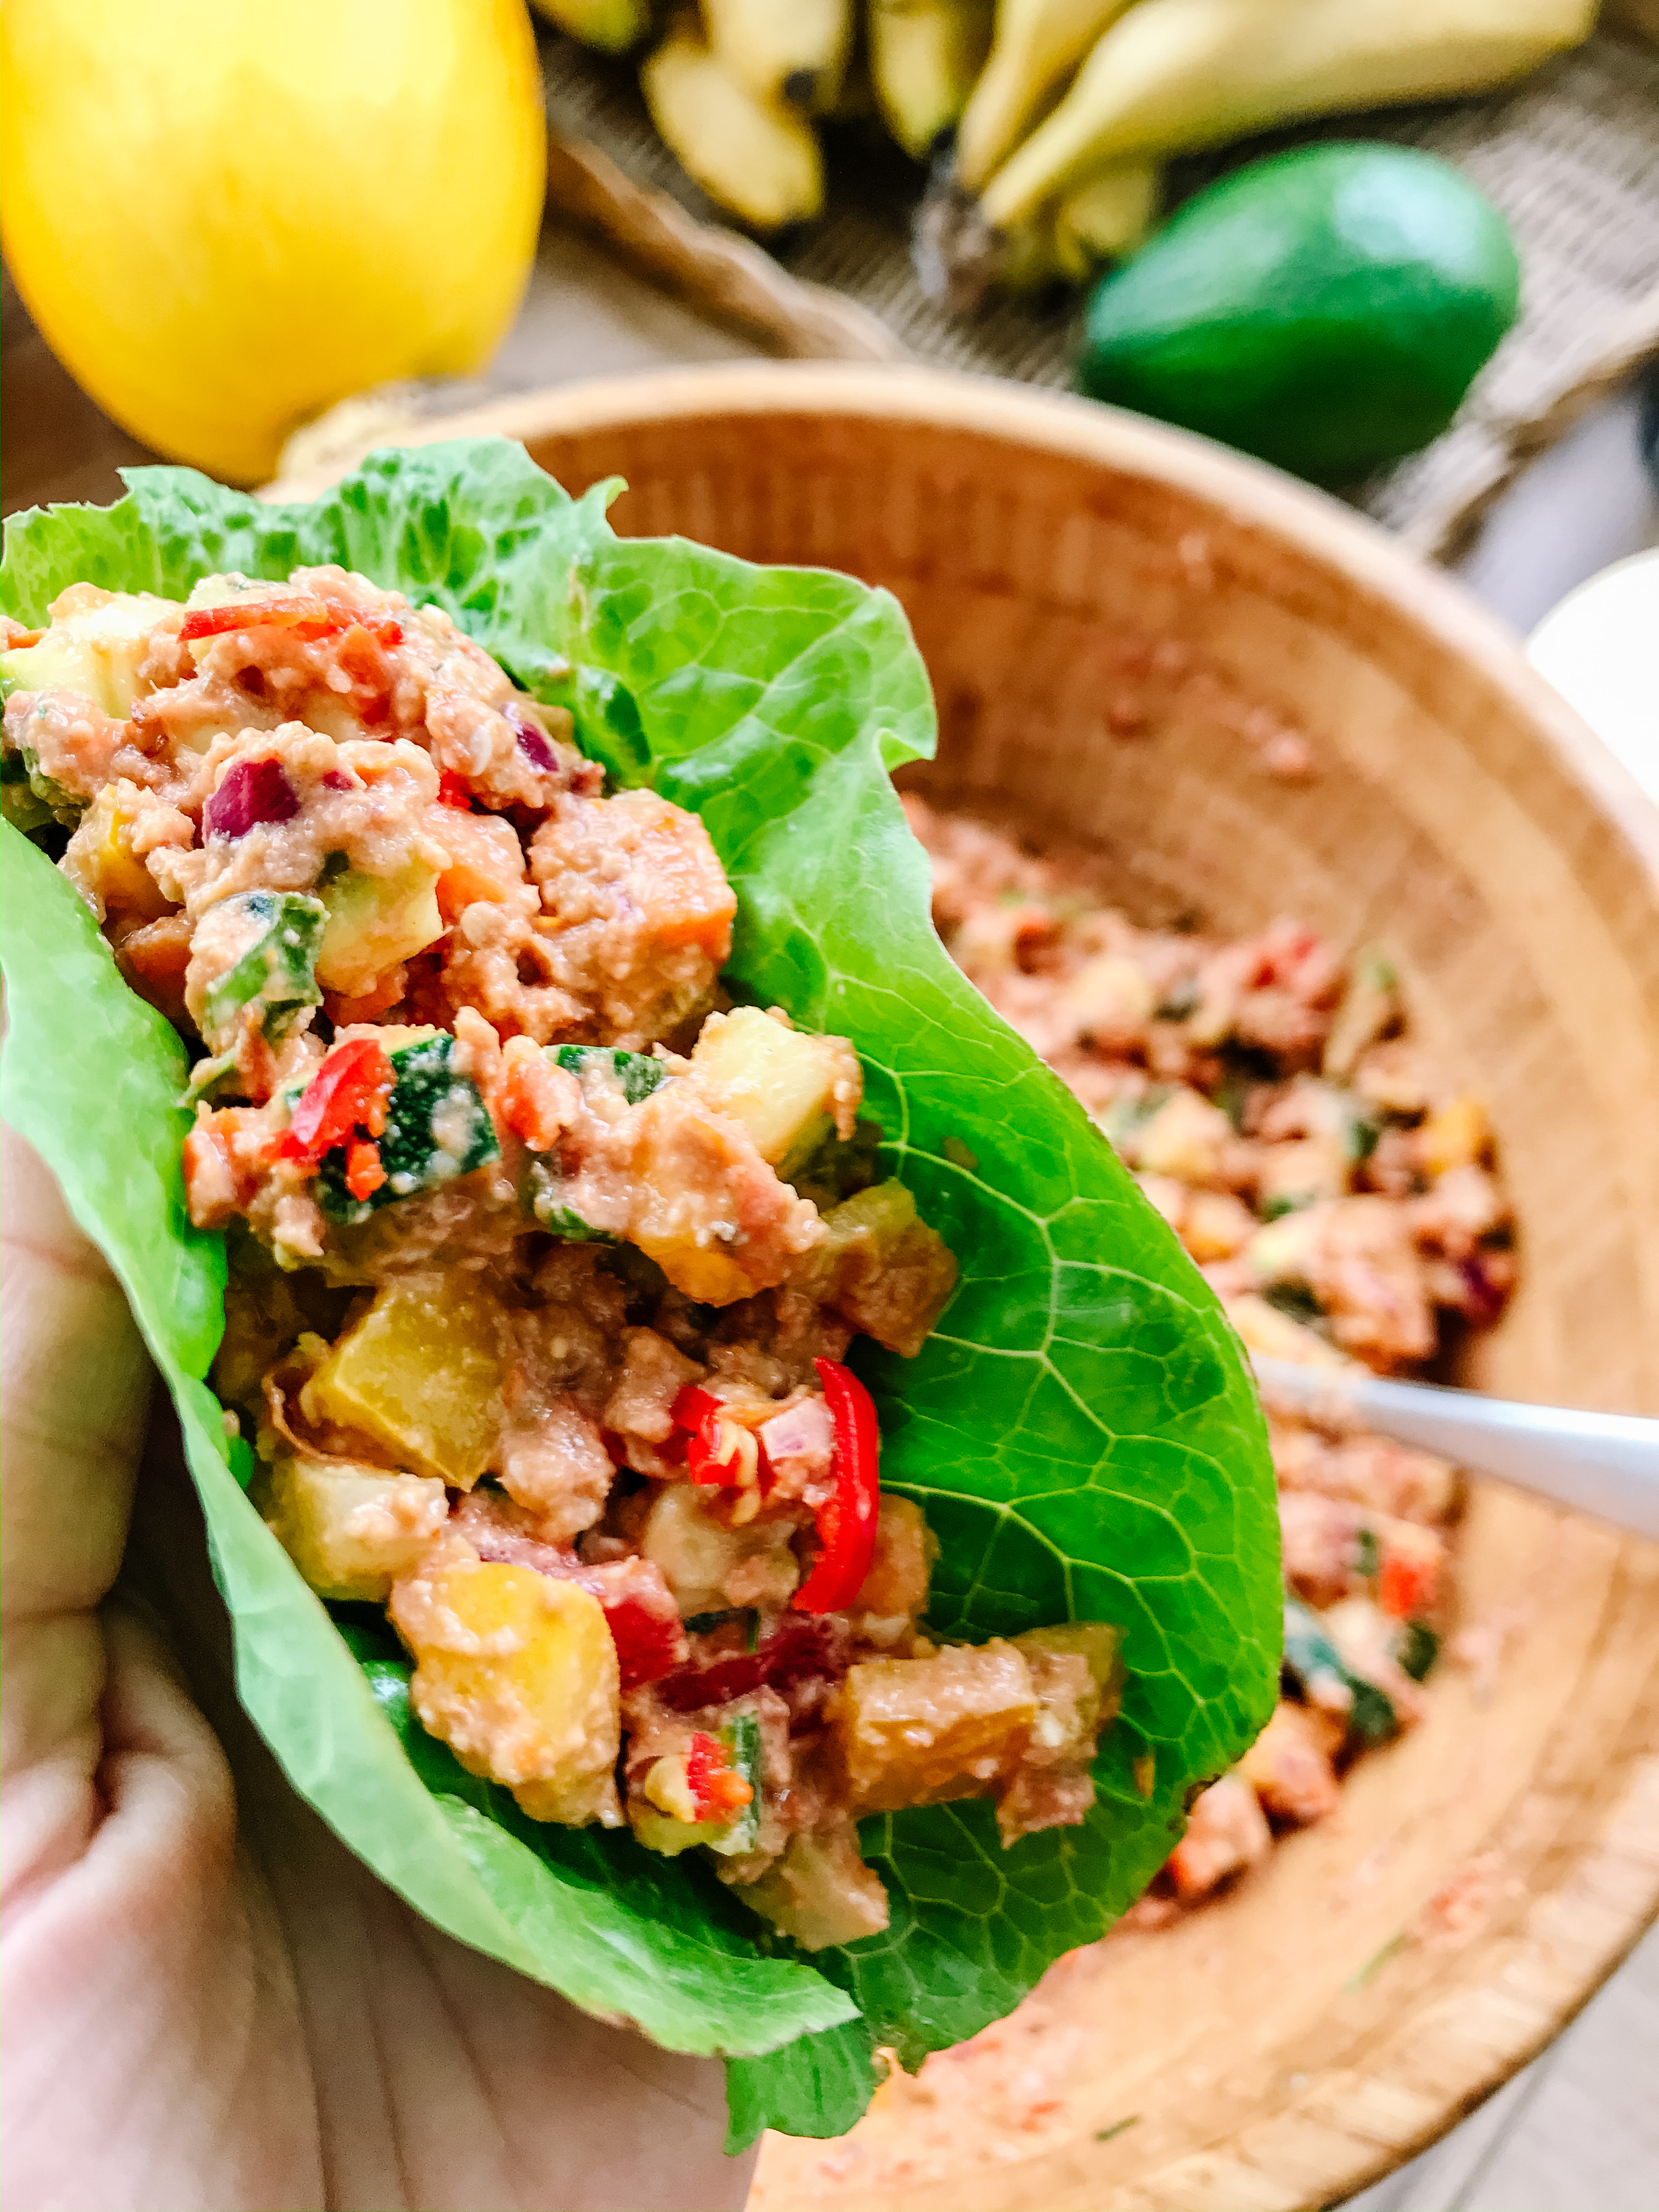 crudista, messico, cibo messicano, vegan, raw food, mama rainbow, ricetta, famiglia, sano, facile, tacos, chili, bambini, salute, fresco, veloce